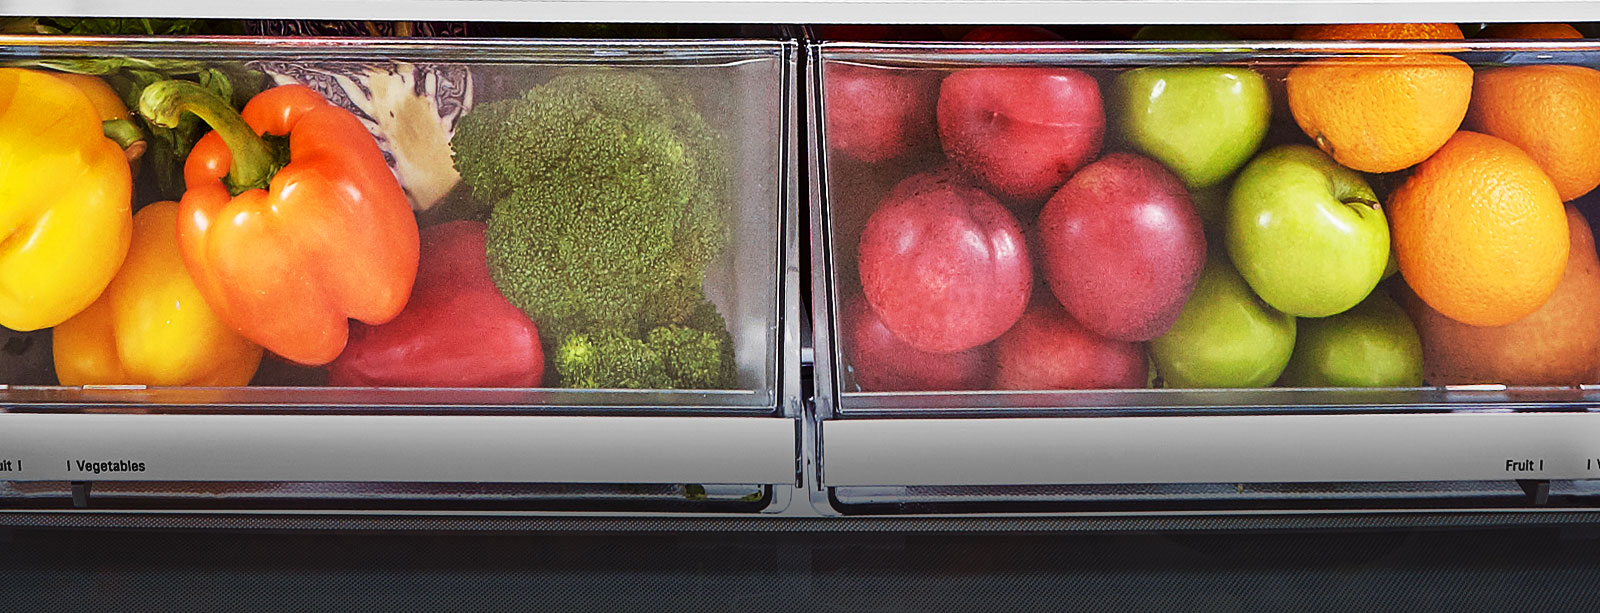 Conserva frescos tus alimentos por más tiempo con la tecnología LG